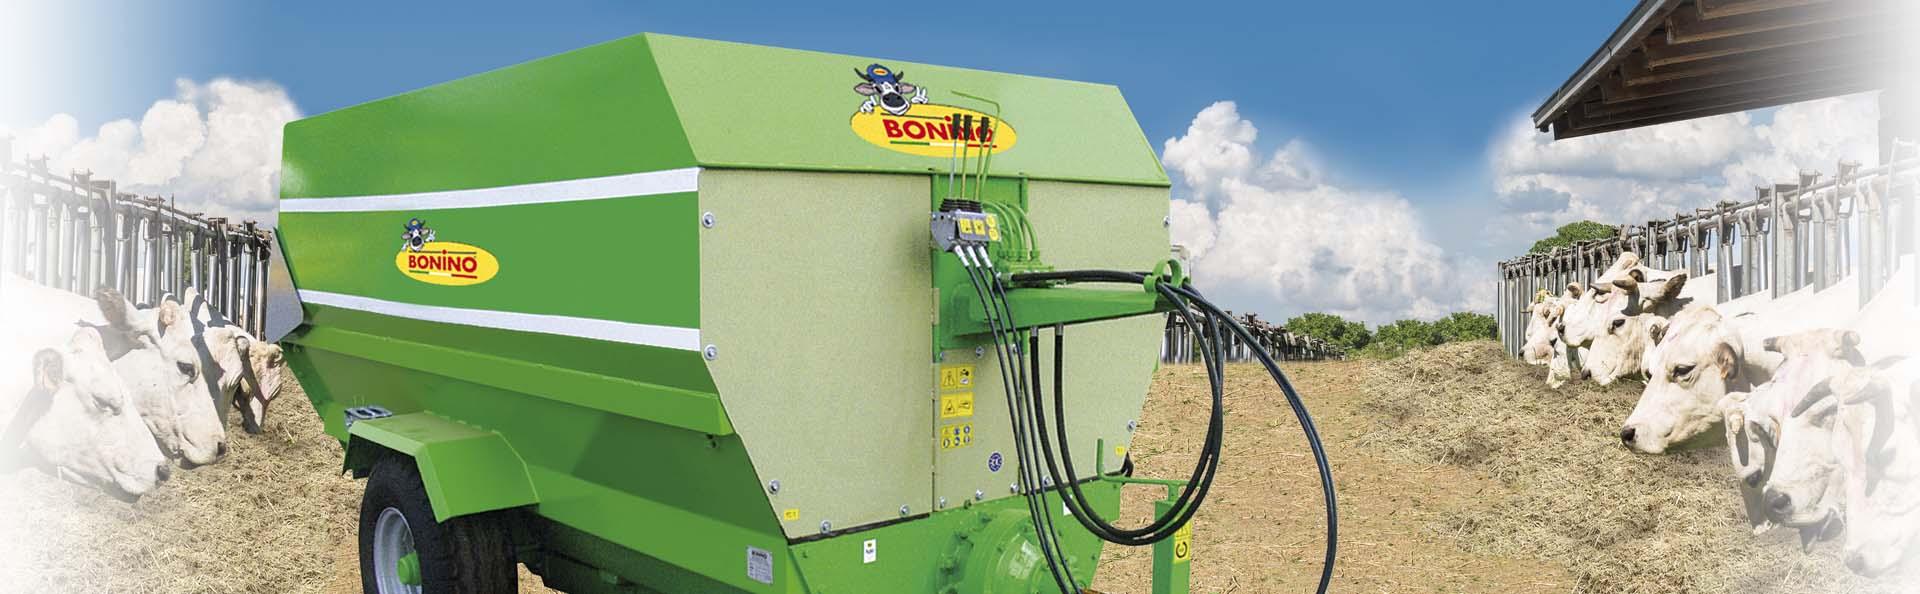 Bonino-miscelatori-distributori-mixer-distributor-wagons-mélangeuse-distributrice-mezclador-de-forraje-distribuidor-Mischwagen-Verteilerwagen